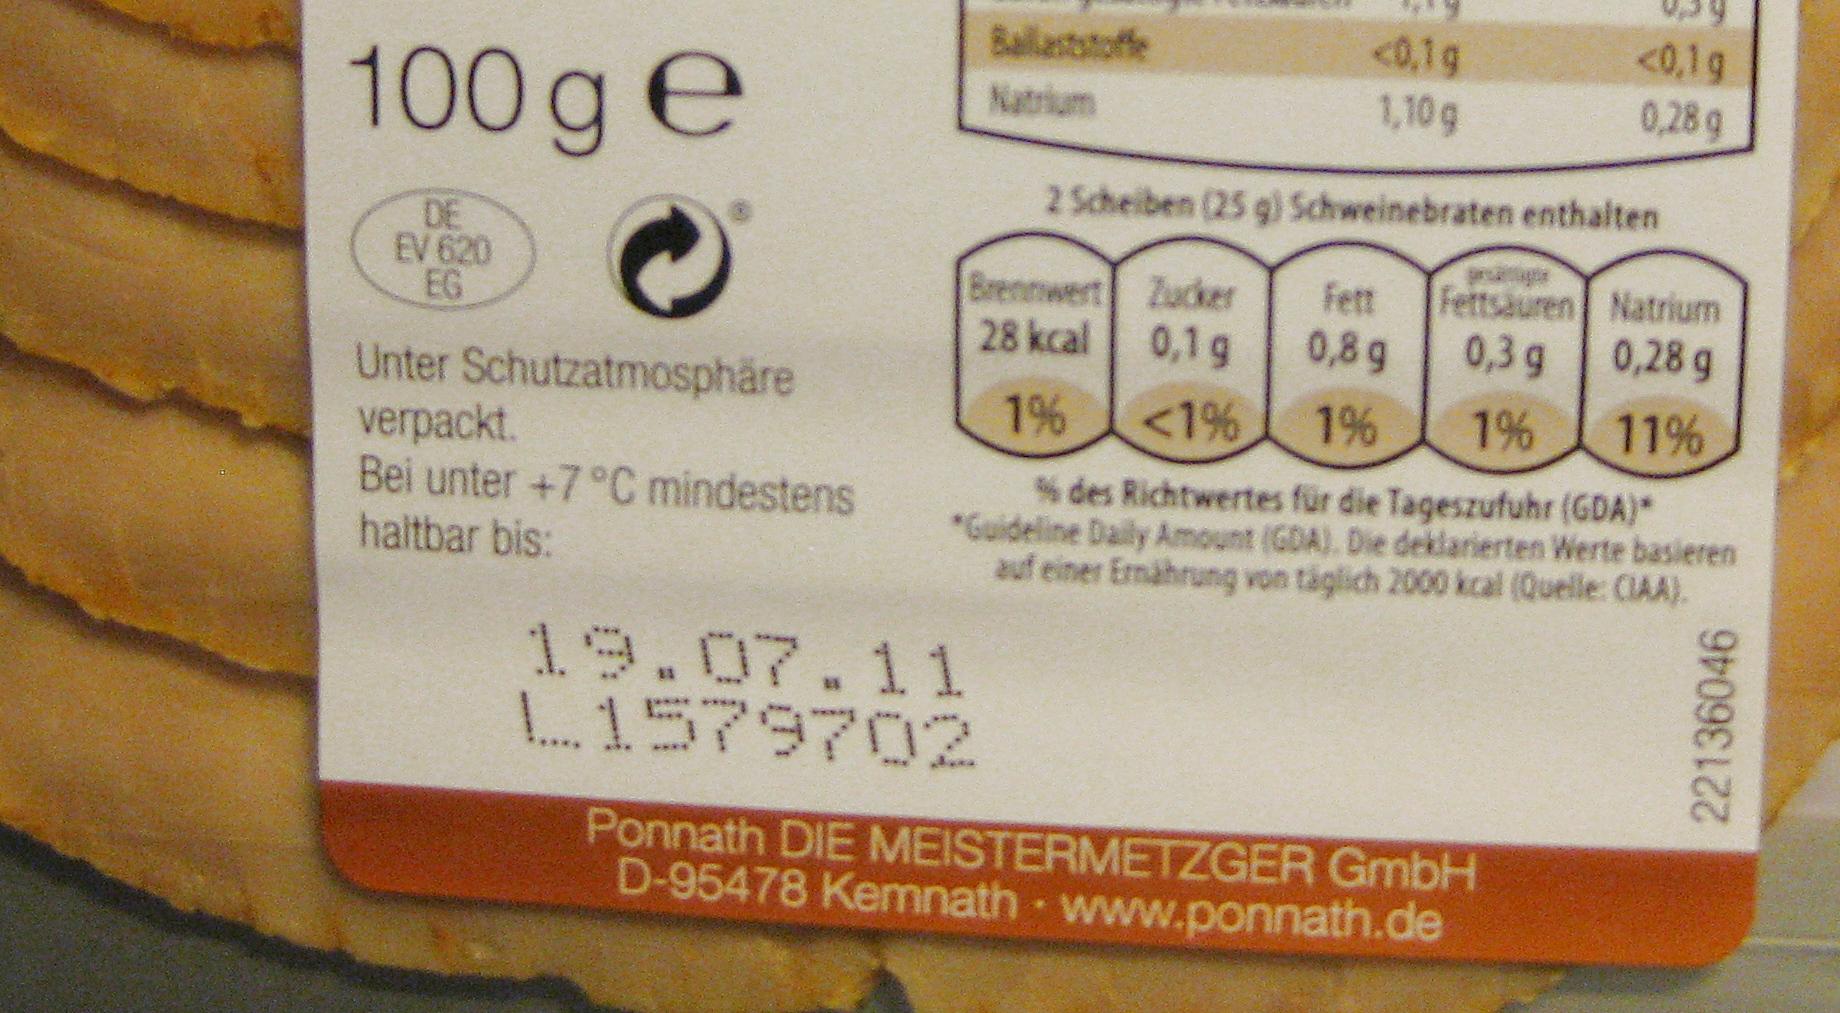 La vida útil de los productos alimenticios: Las fechas en los envases